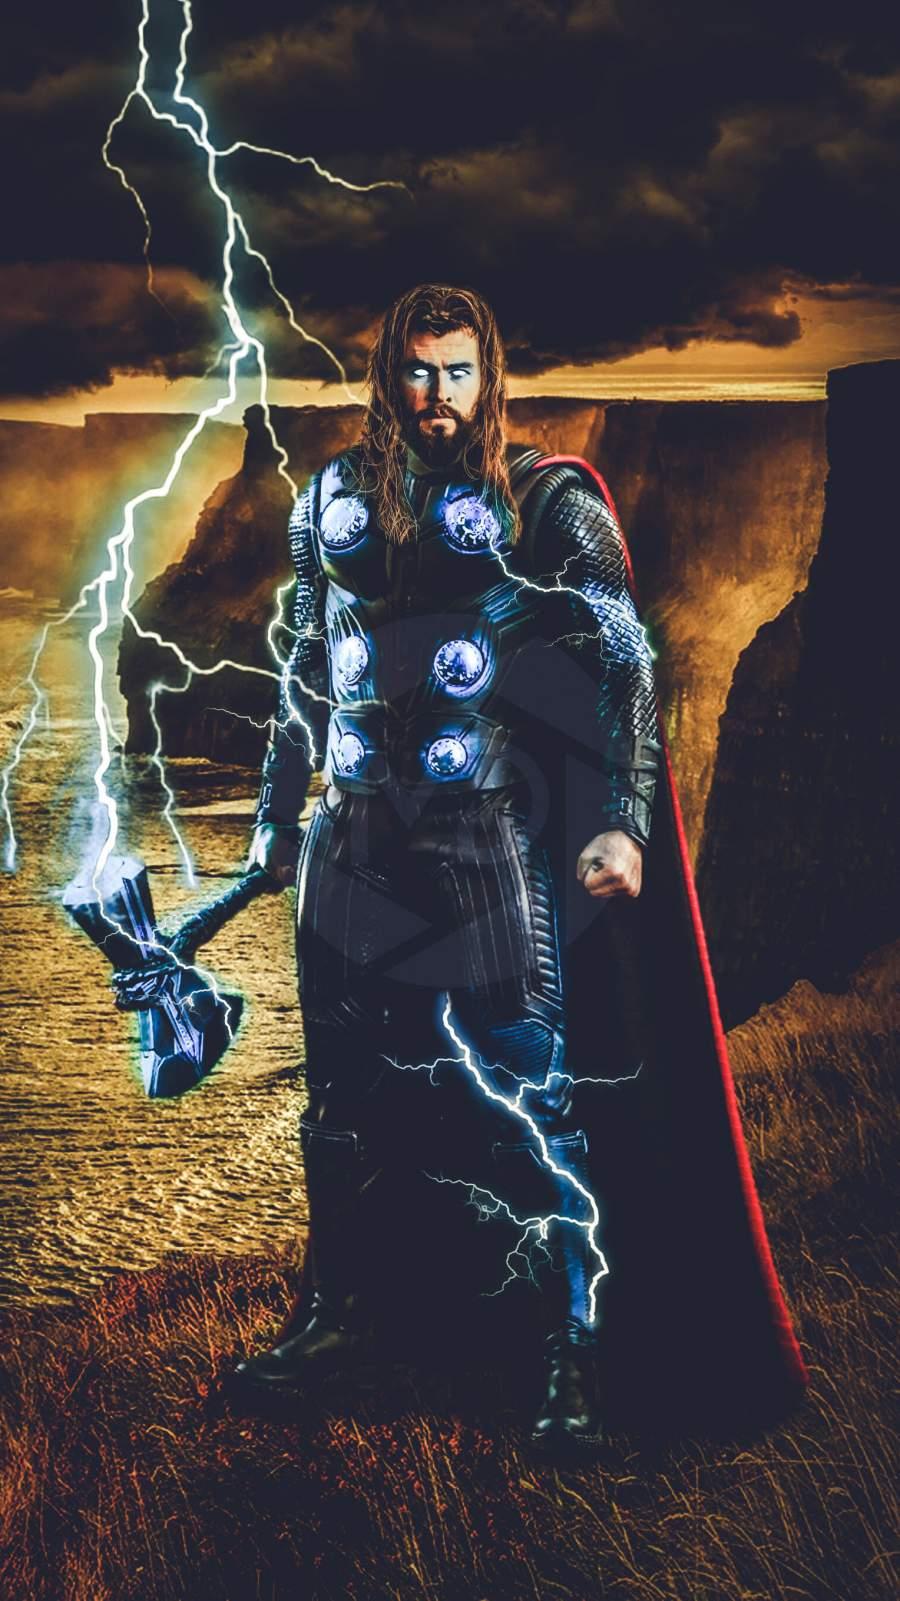 Thor Stormebreaker Endgame iPhone Wallpaper